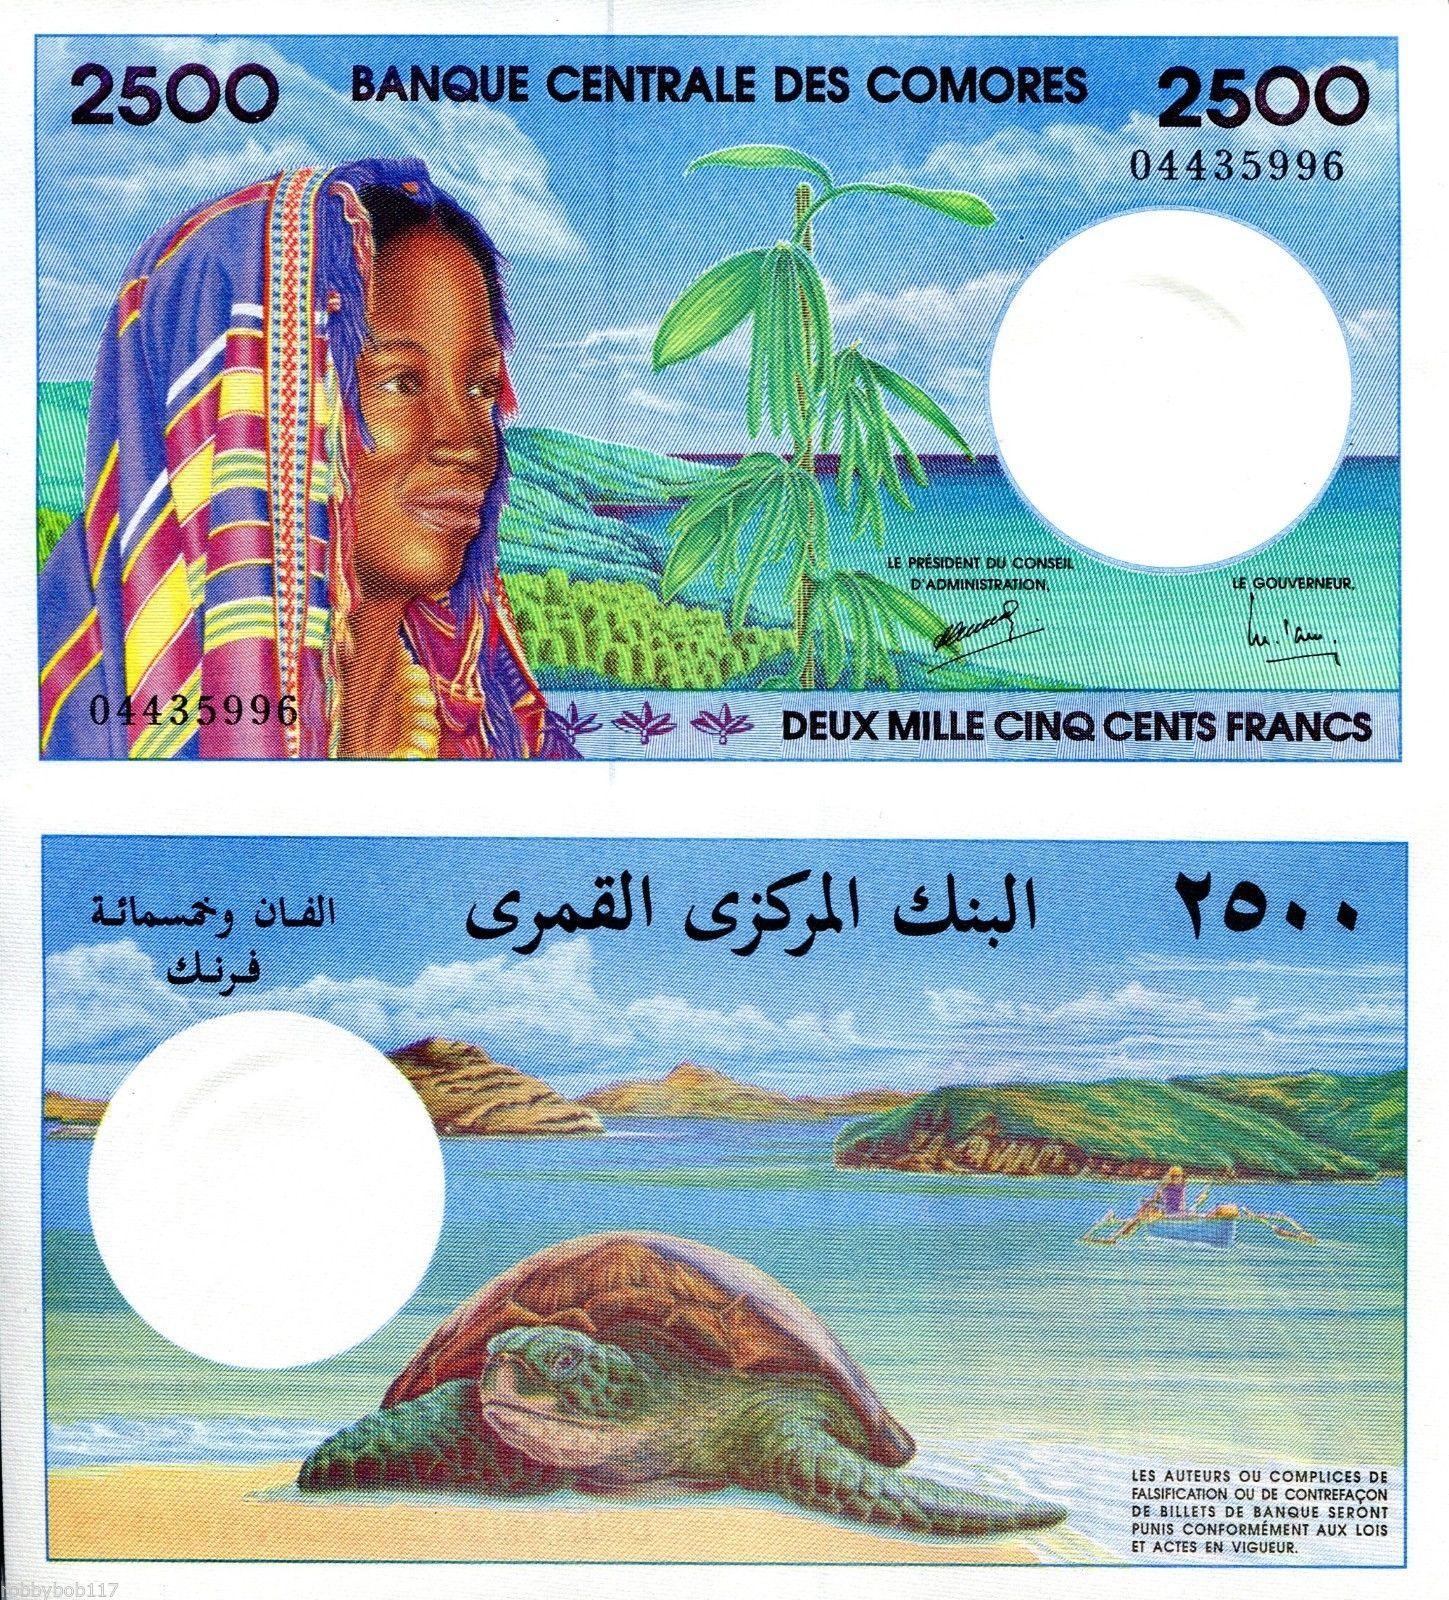 Comorian banknote